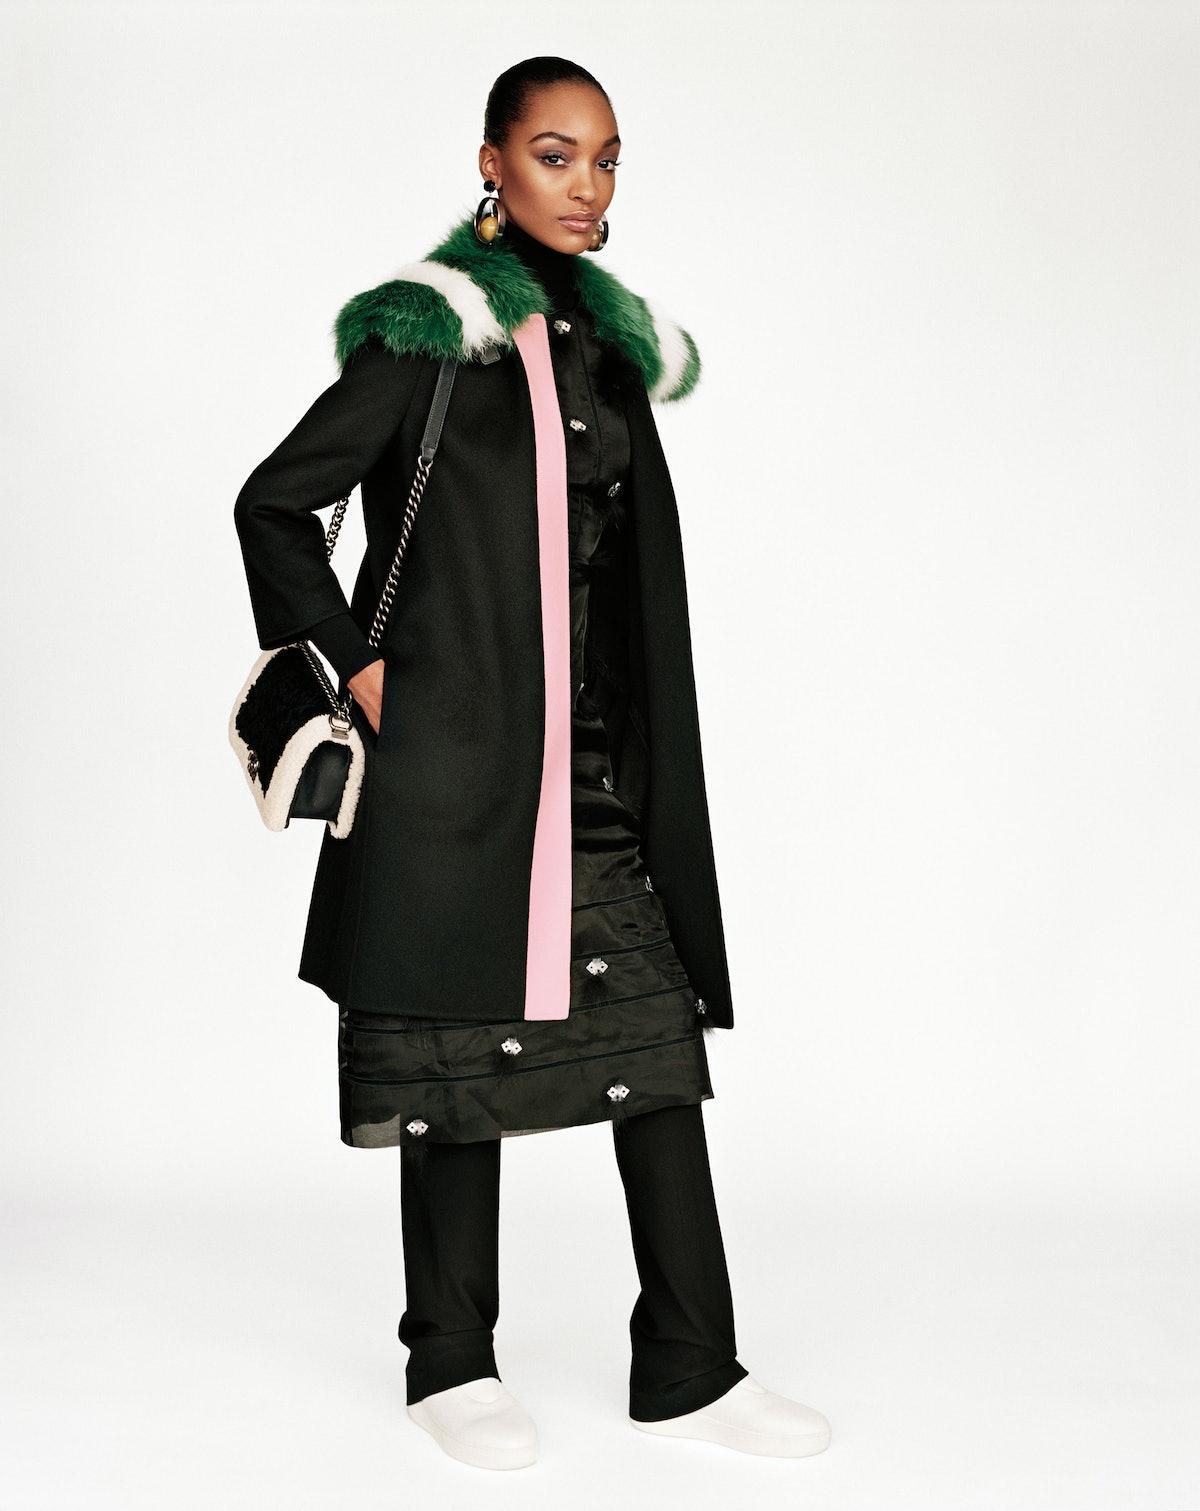 jourdan-dunn-long-lean-fashion-9.jpg